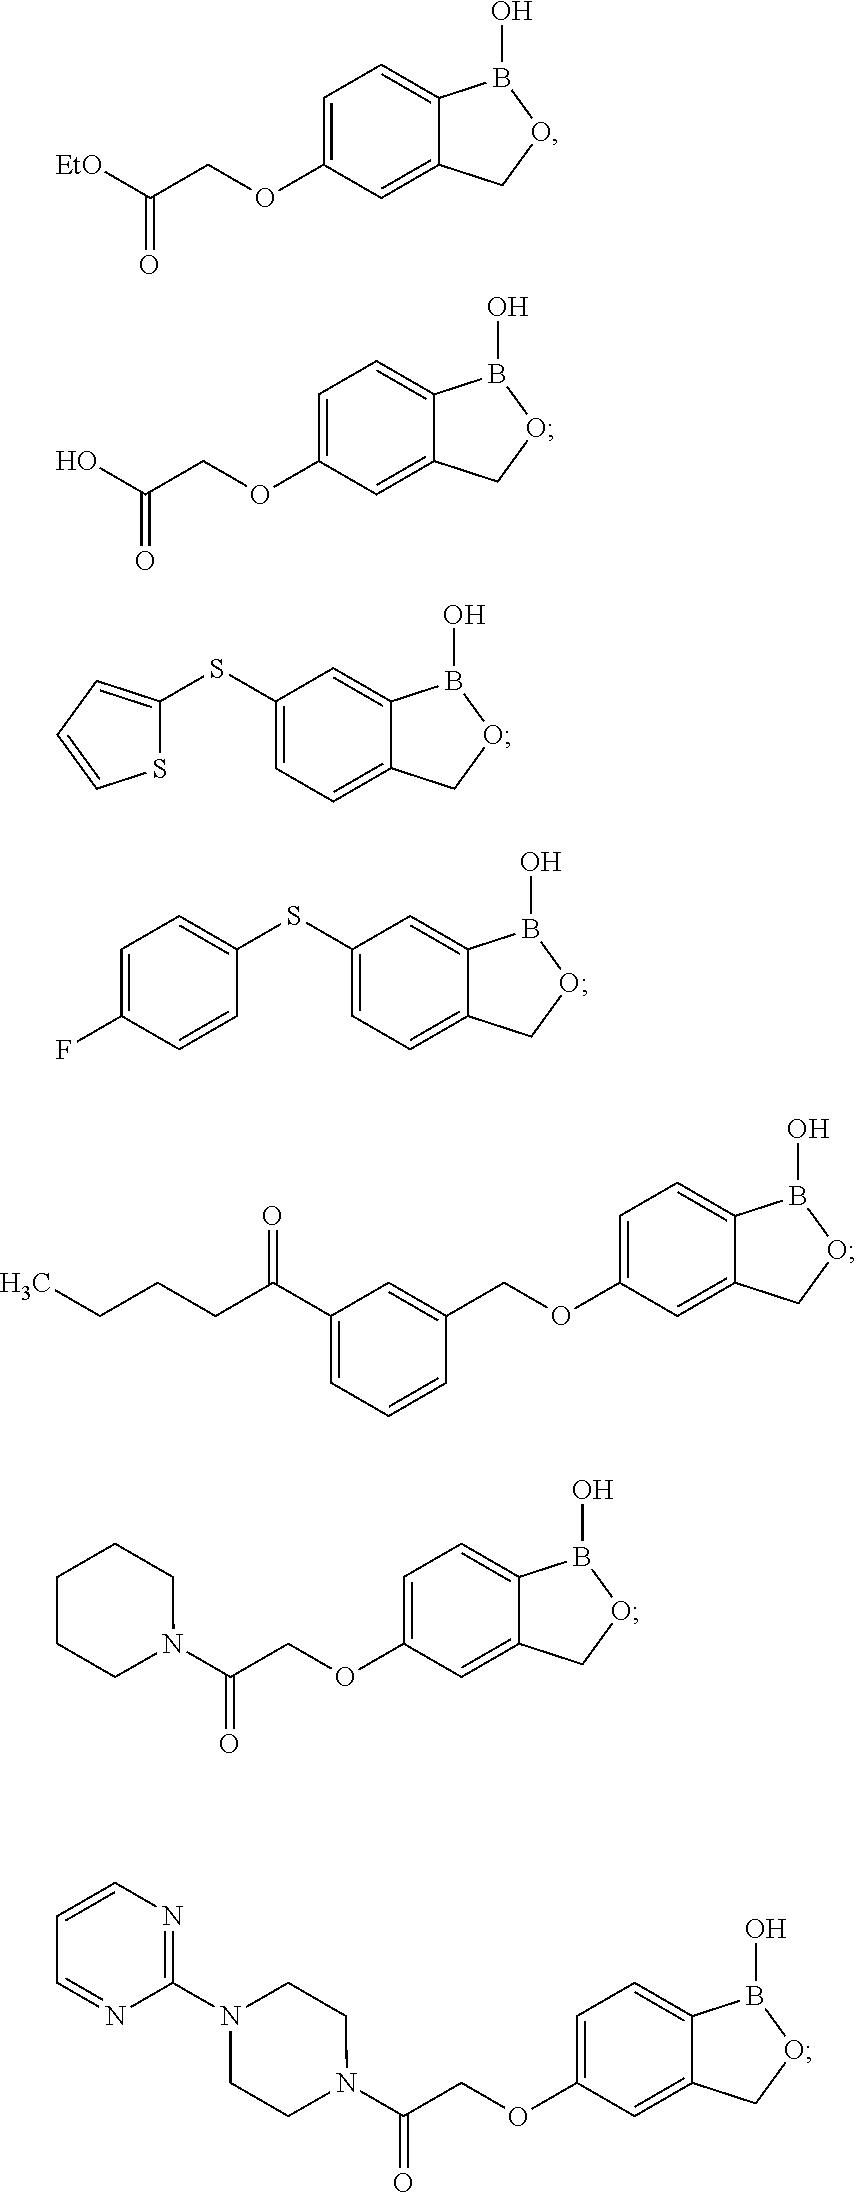 Figure US09566289-20170214-C00150